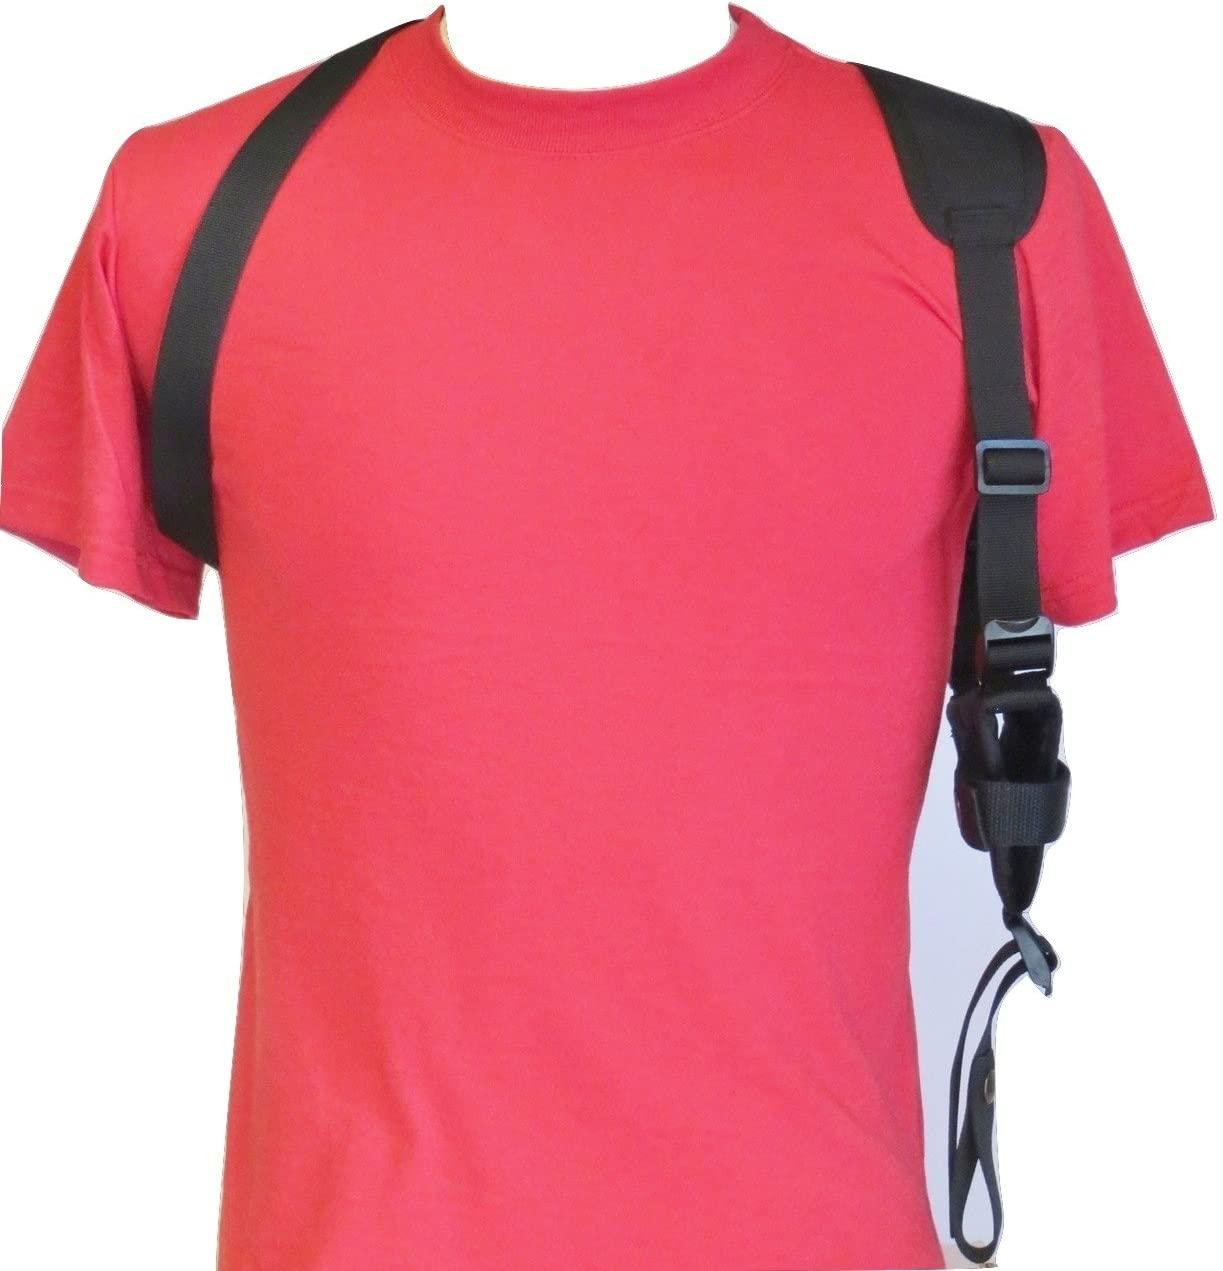 Horizontal Shoulder Holster for 2 1/2